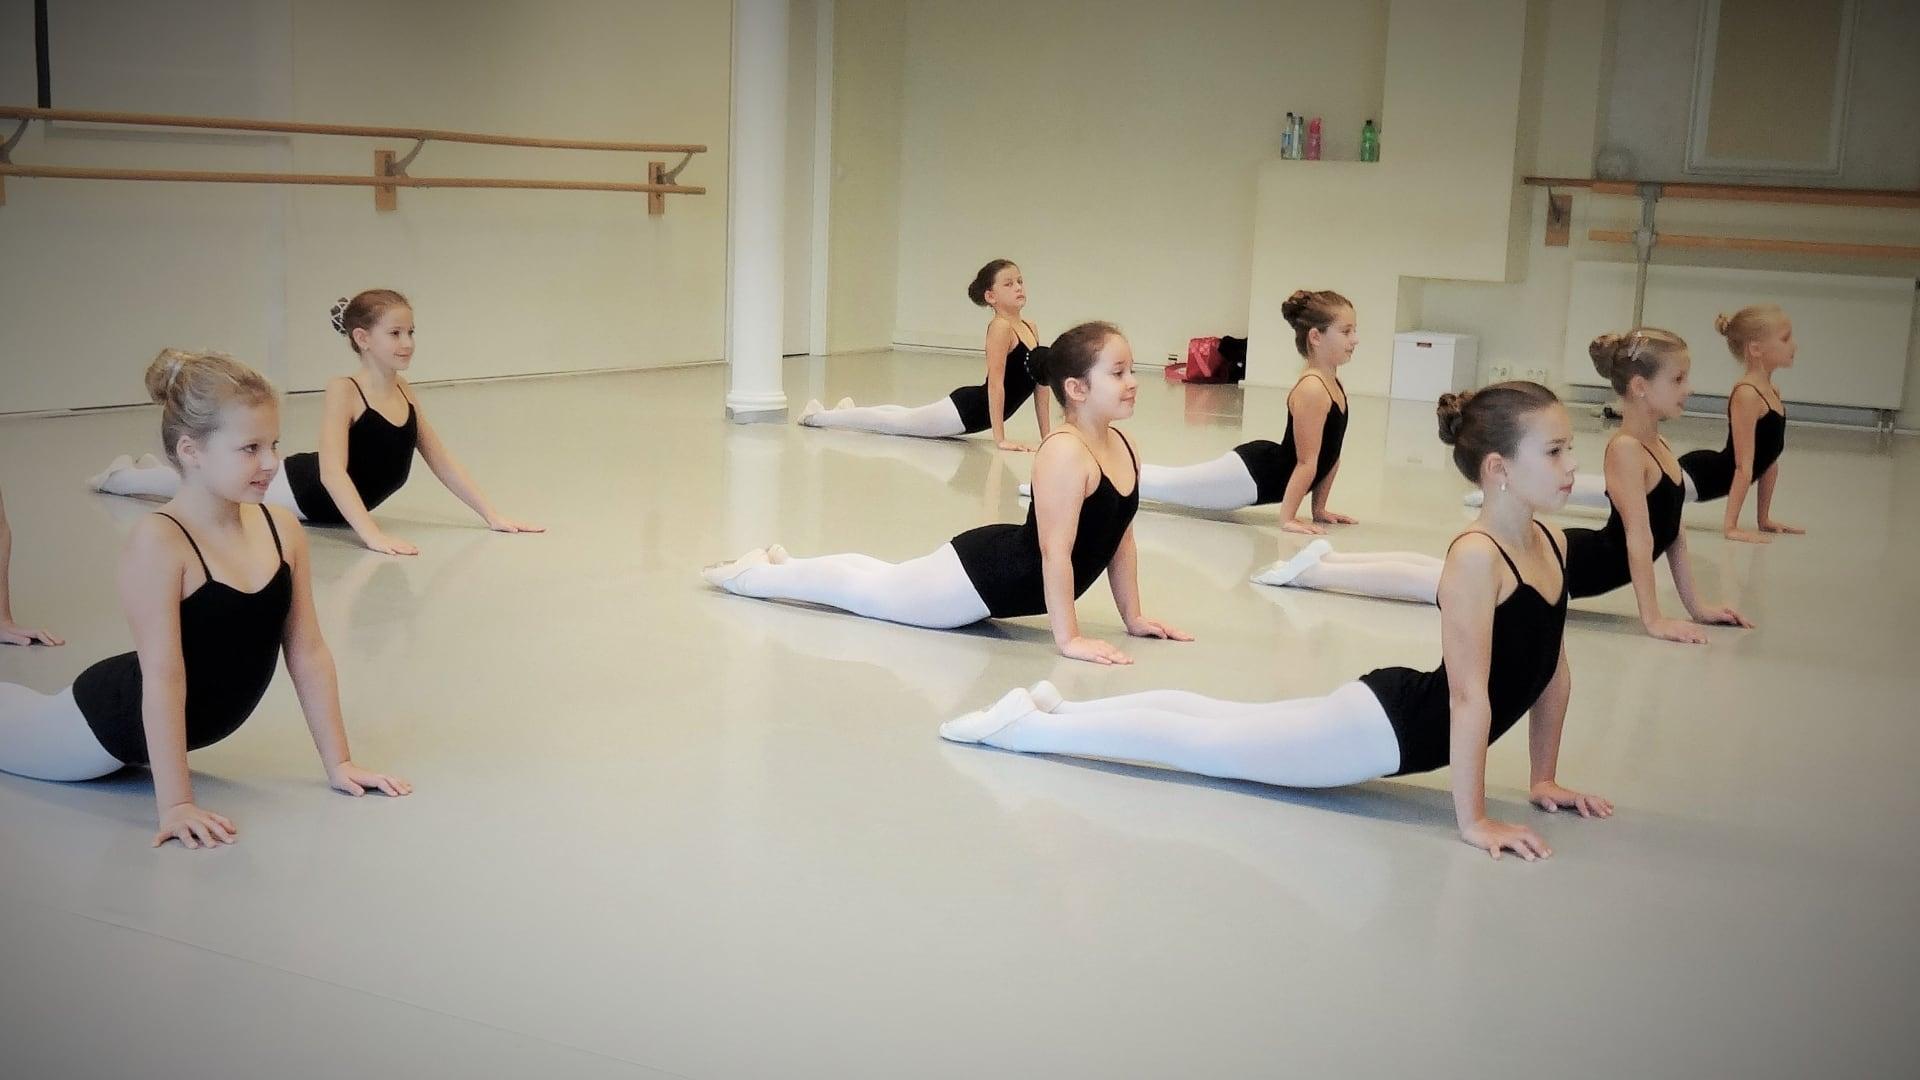 Wir bieten verschiedene Kurse für Kinder an, um sie bestmöglichst und professionell zu Fördern und für den Tanz zu begeistern